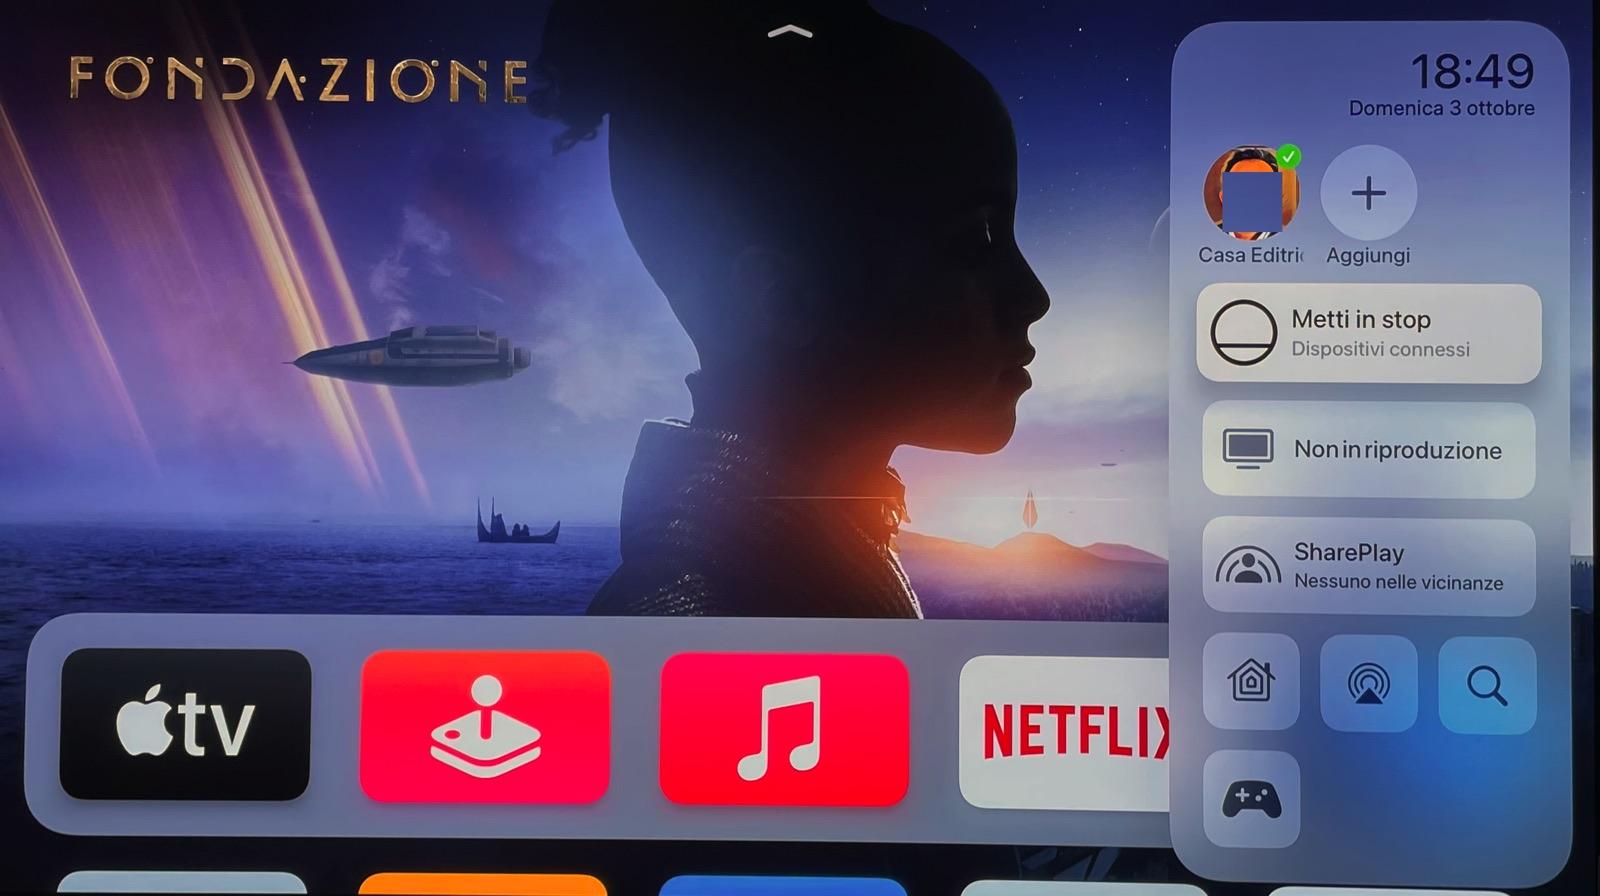 Come far apparire gli avvisi delle telecamere Homekit su Apple TV